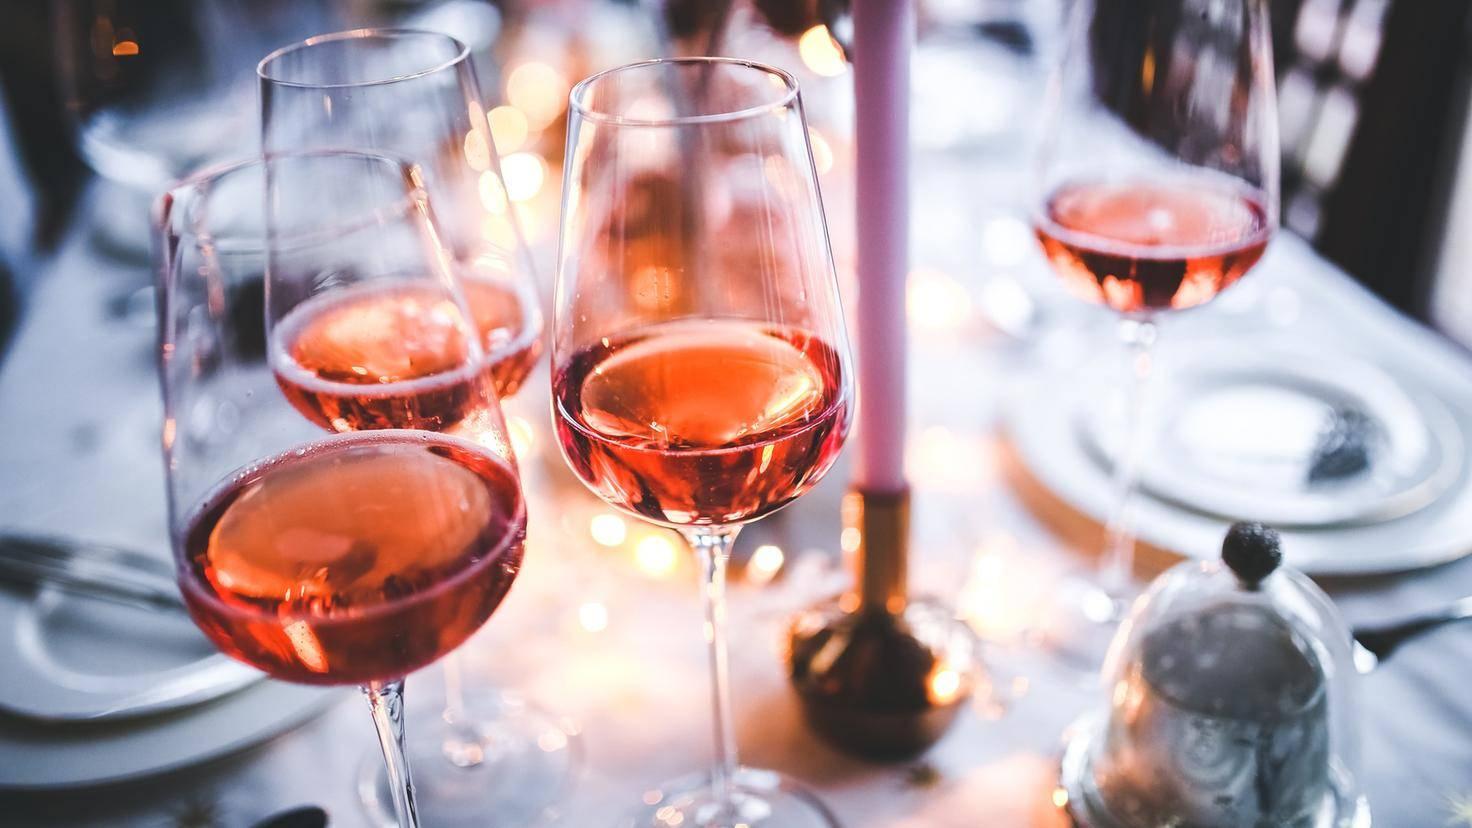 Ein Weingelage ist nicht förderlich für die Figur.